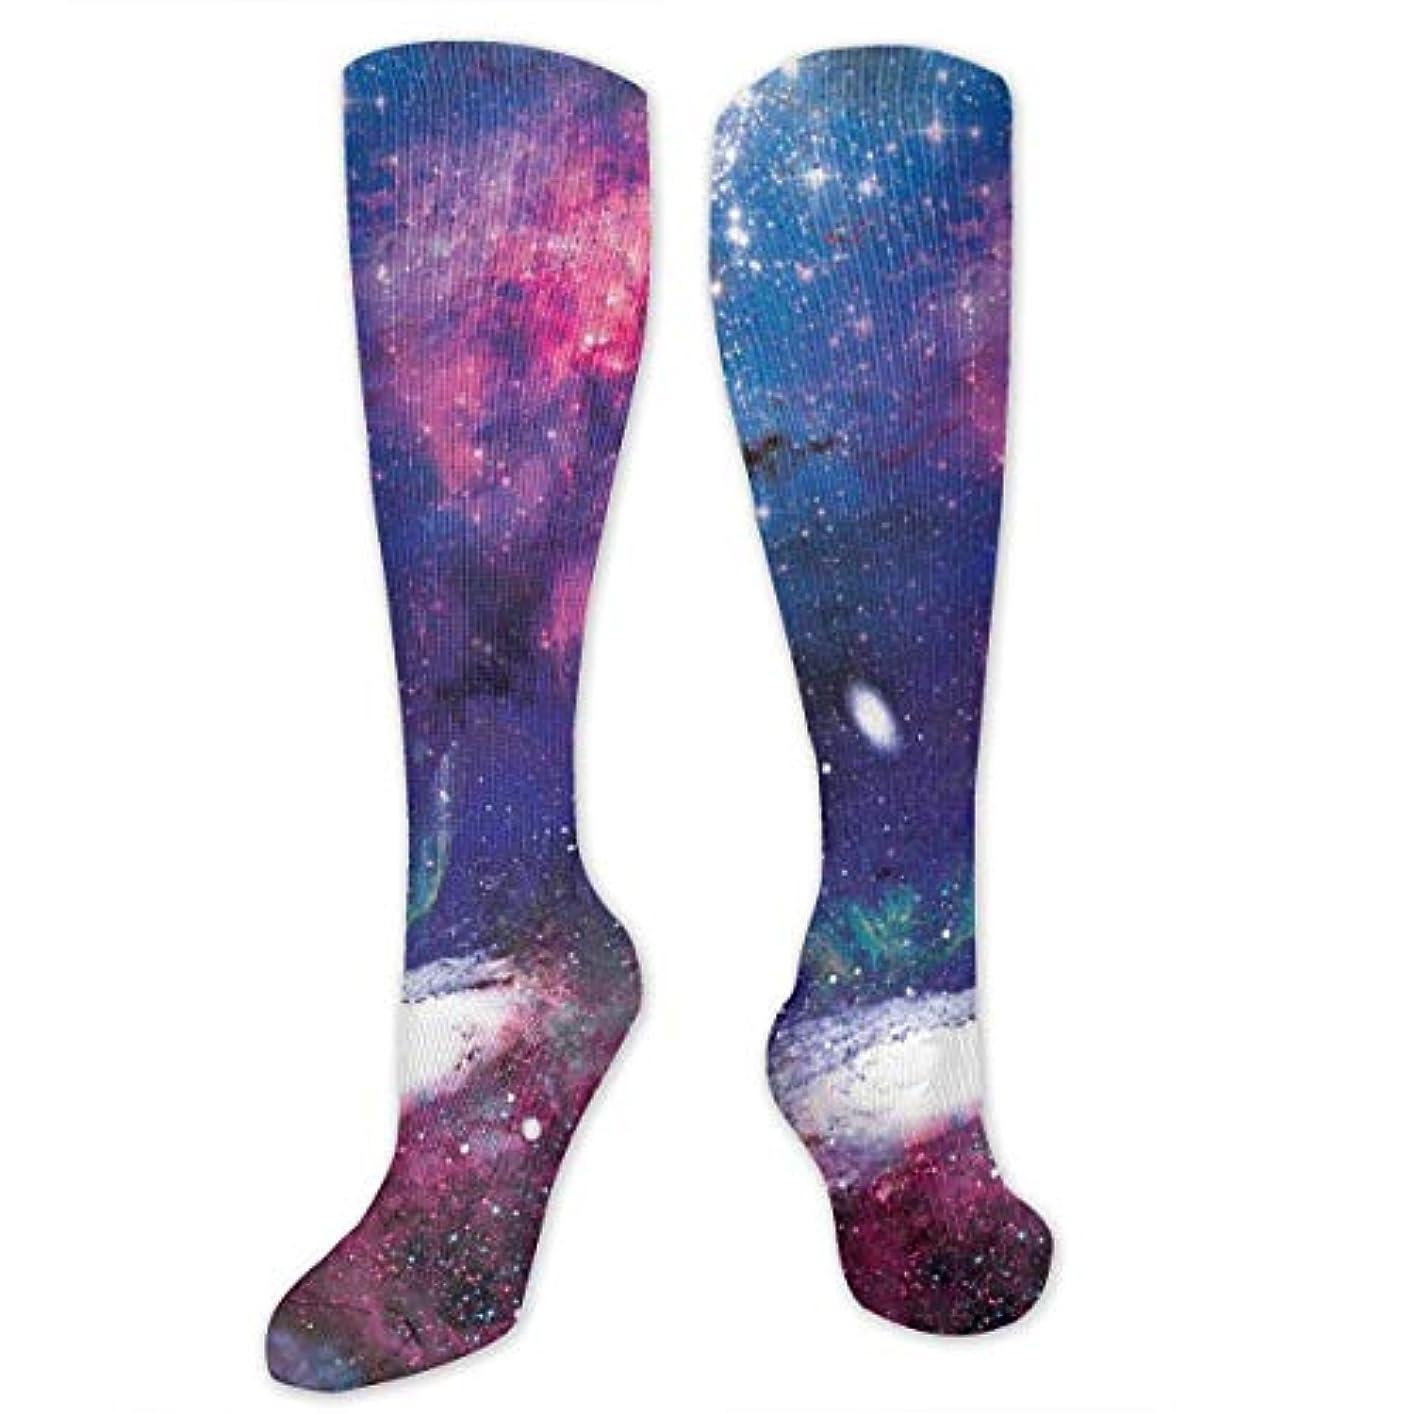 アラート寓話言う靴下,ストッキング,野生のジョーカー,実際,秋の本質,冬必須,サマーウェア&RBXAA Galaxy Galactic Dreams Socks Women's Winter Cotton Long Tube Socks...